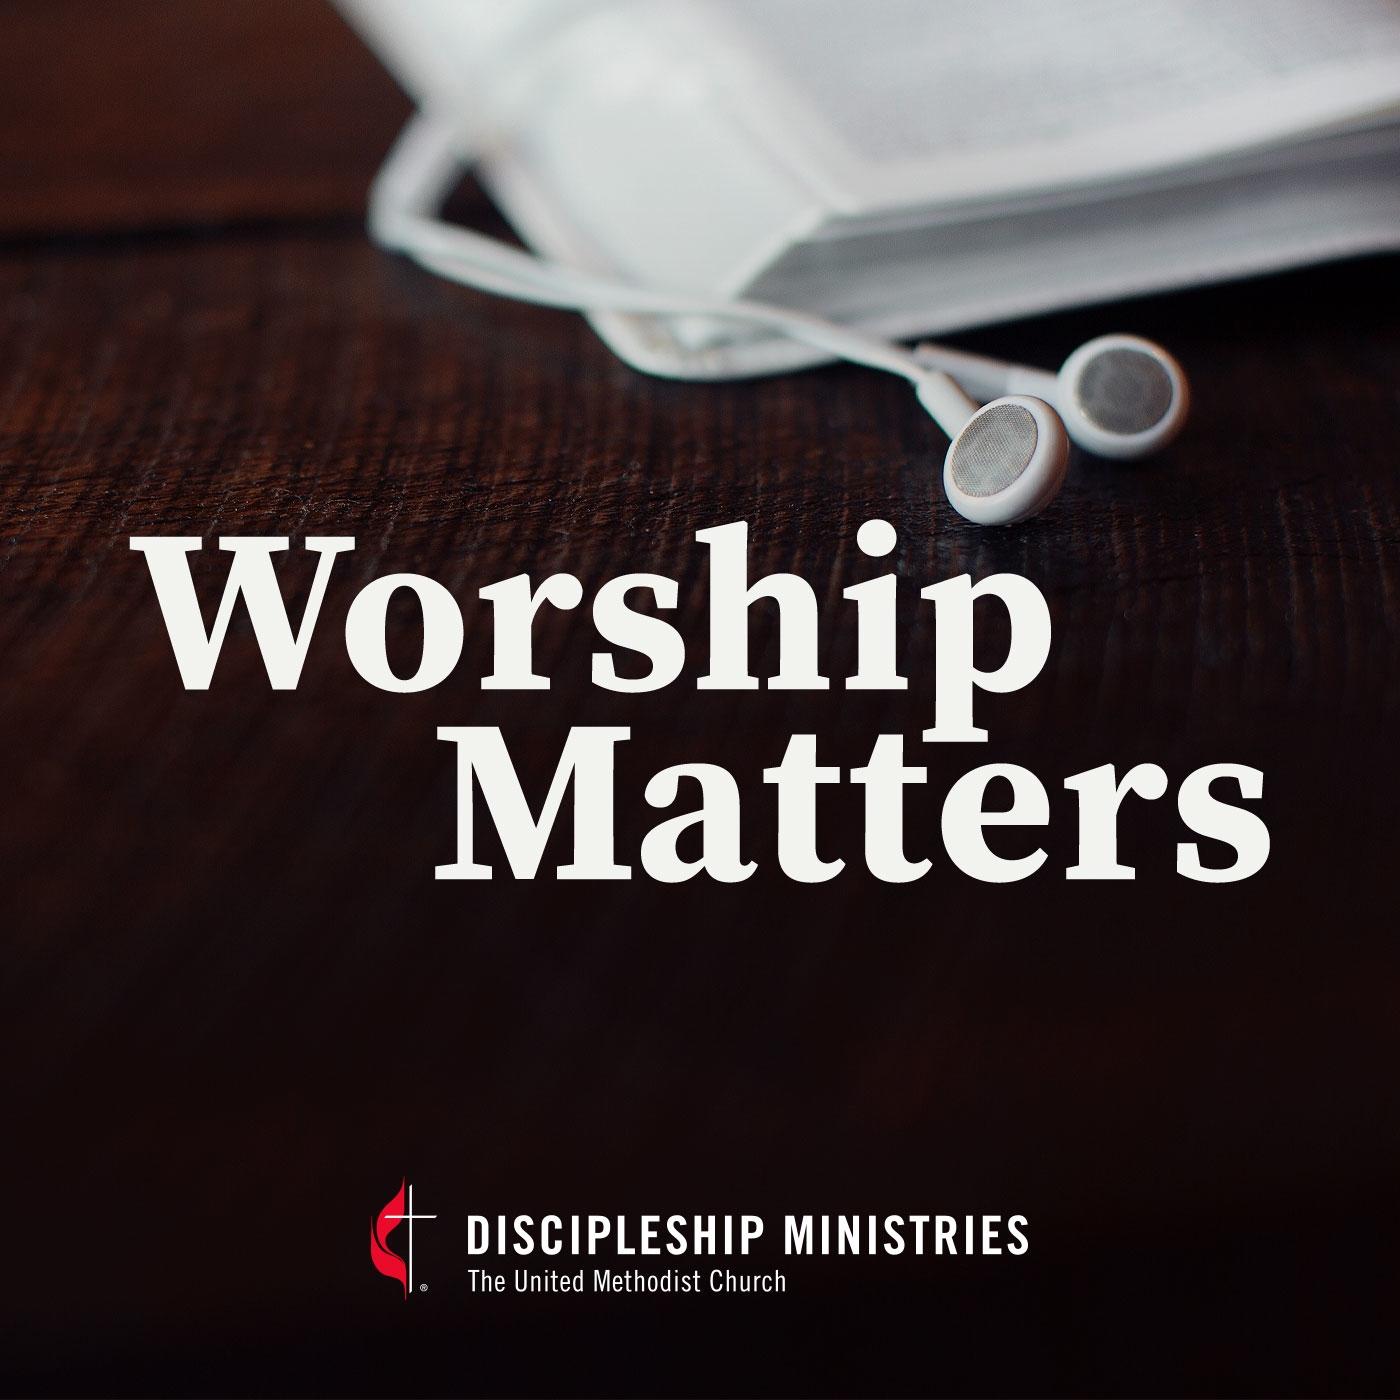 Discipleship Ministries | Worship Matters: Episode 01 - Epiphany  Lectionary Umc 2020